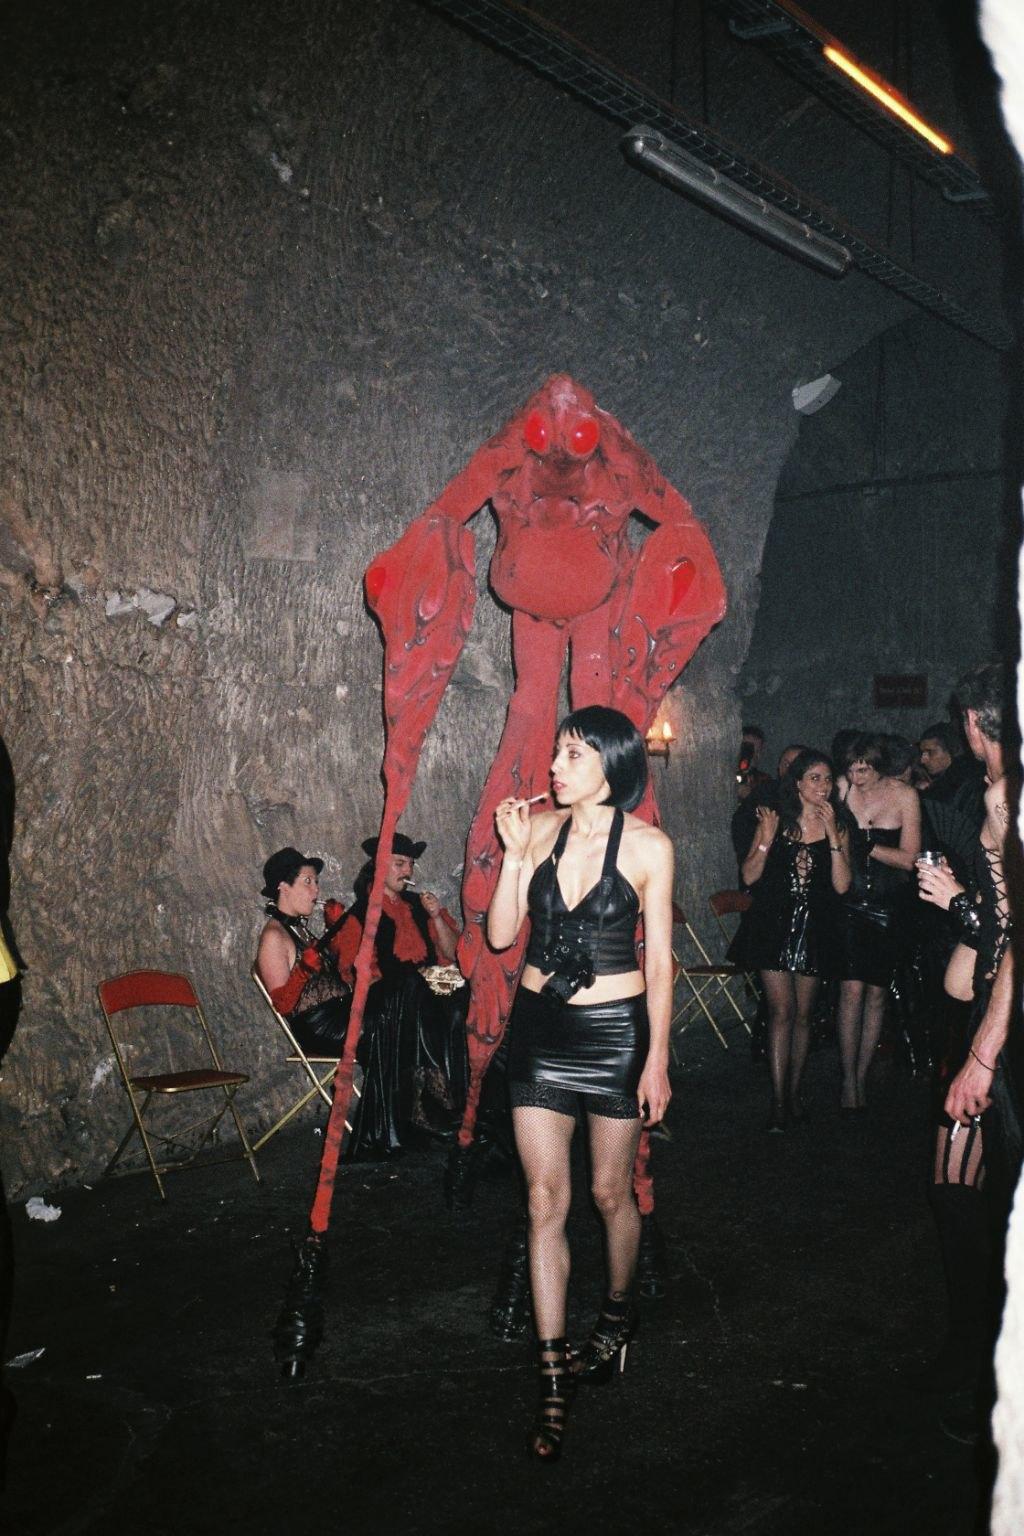 Ночь извергов: Посетители фетиш-фестиваля во Франции. Изображение № 6.